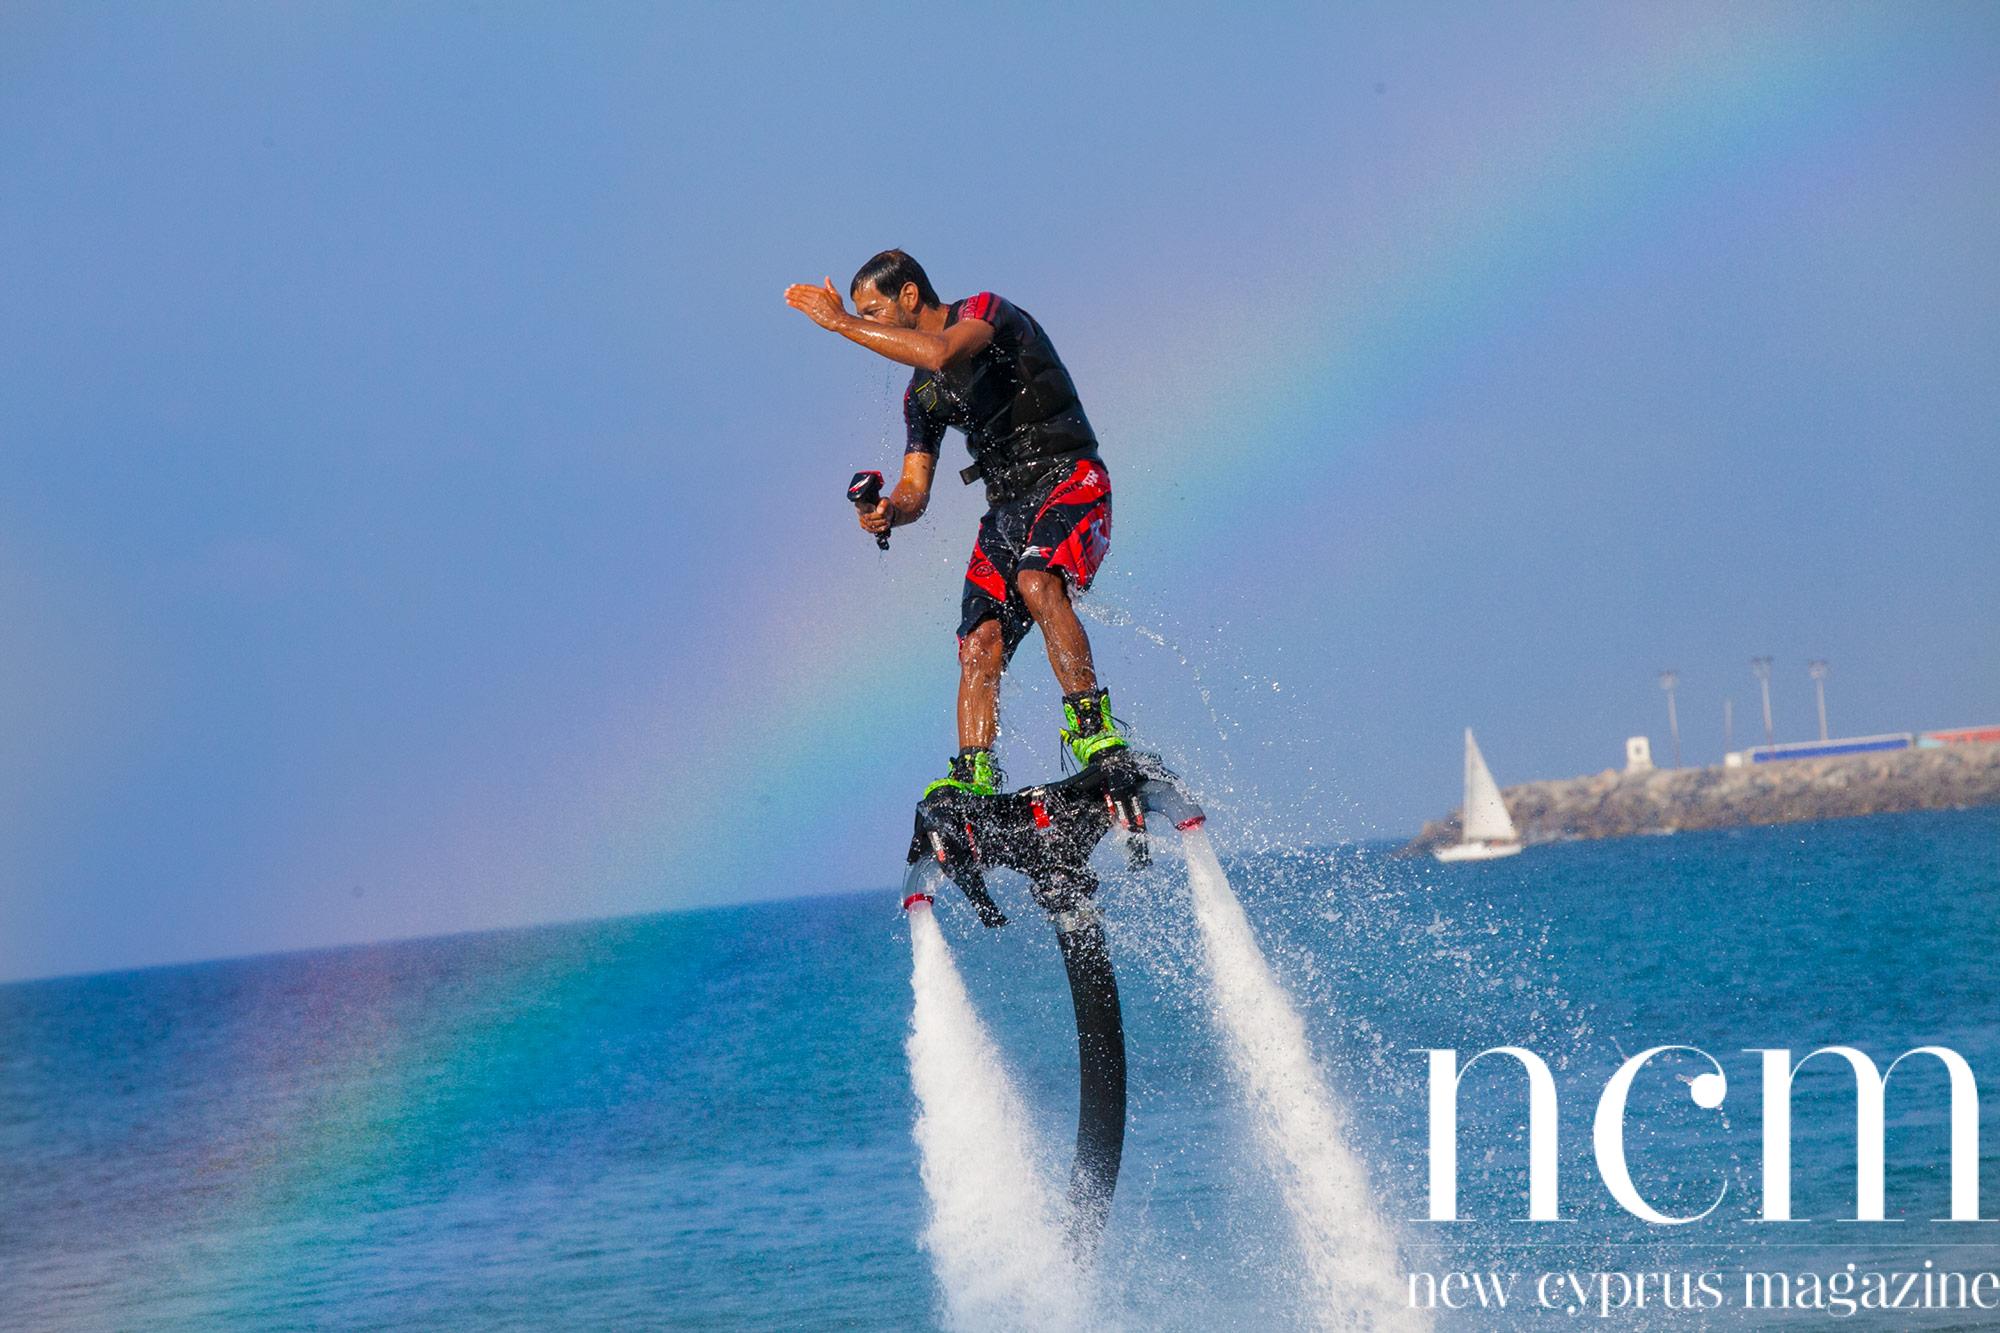 norra-cypern-2016-01696